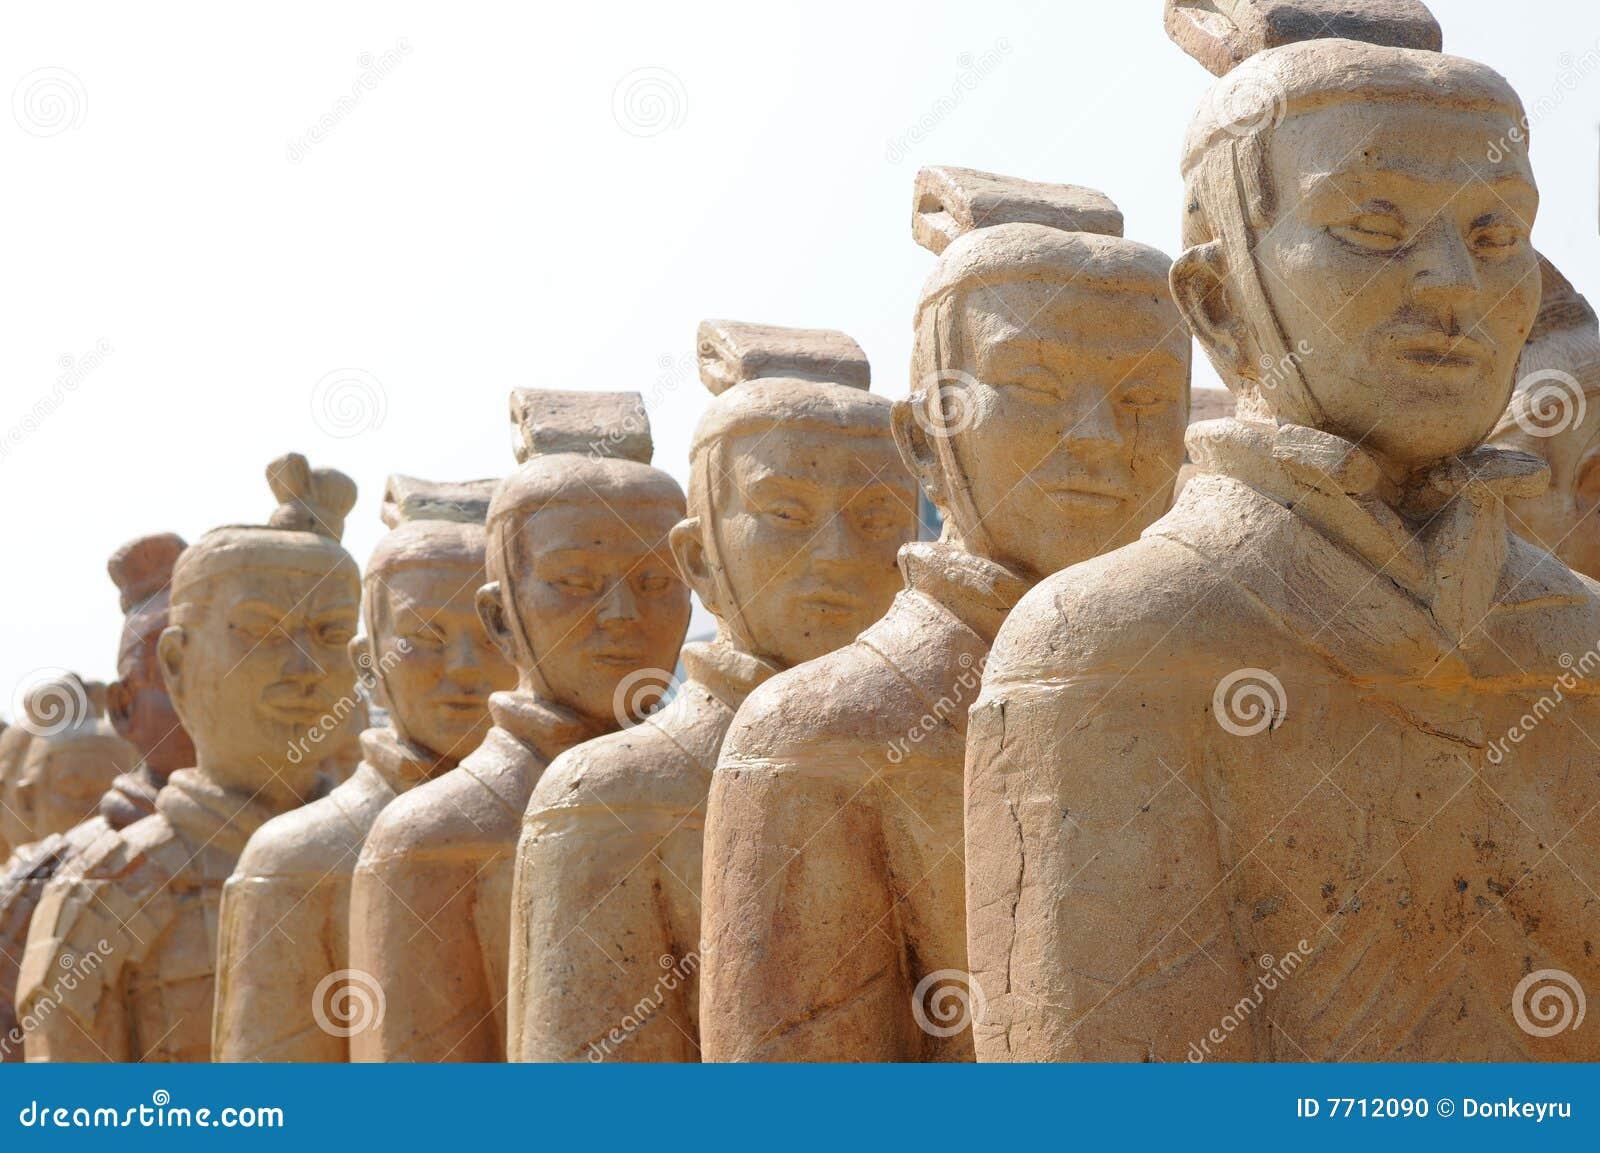 The terra cotta warriors